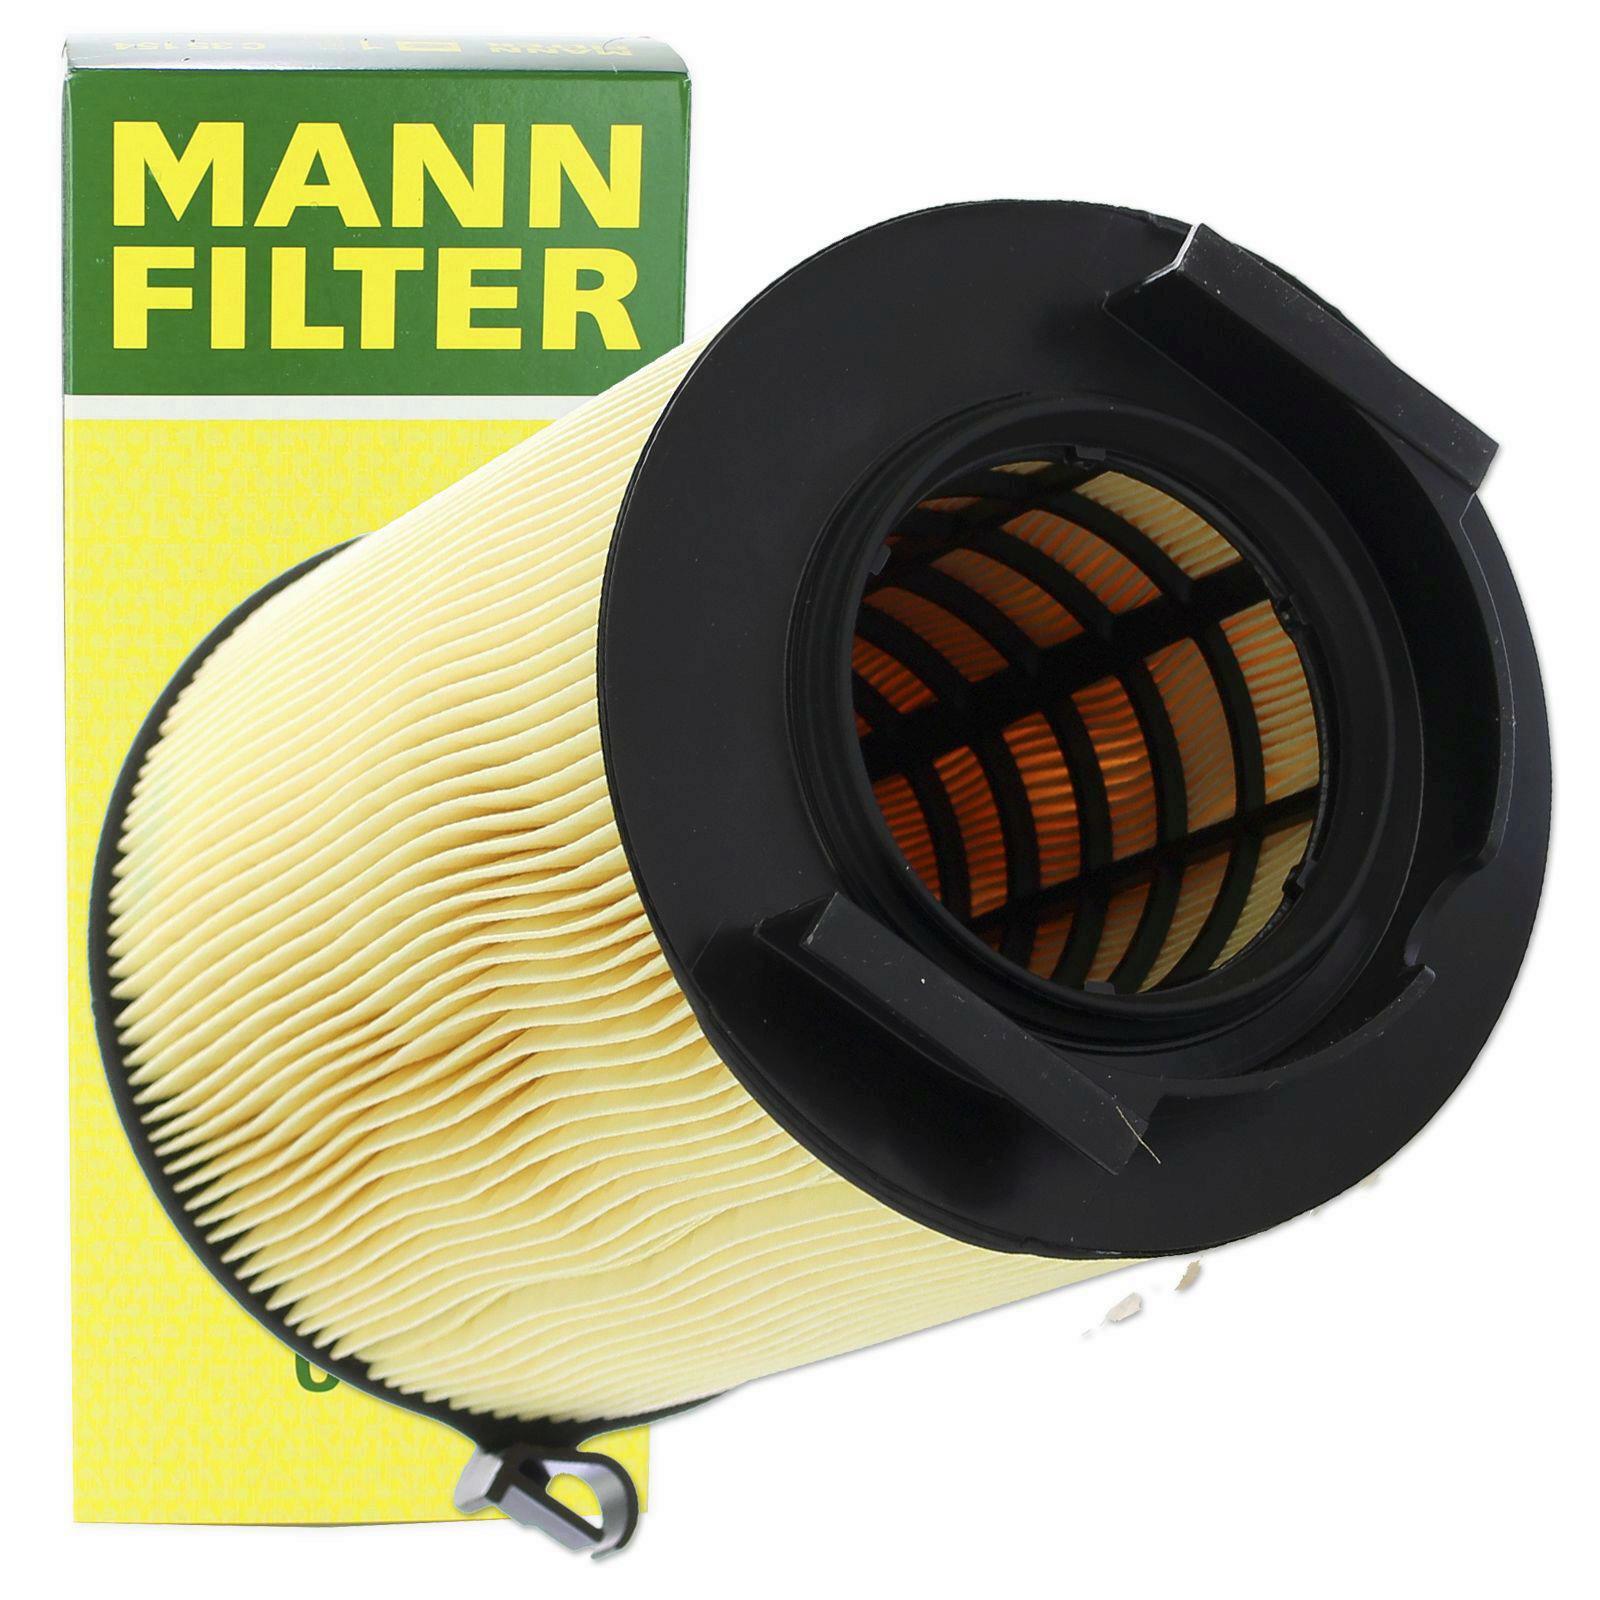 mann filter luftfilter lott autoteile. Black Bedroom Furniture Sets. Home Design Ideas